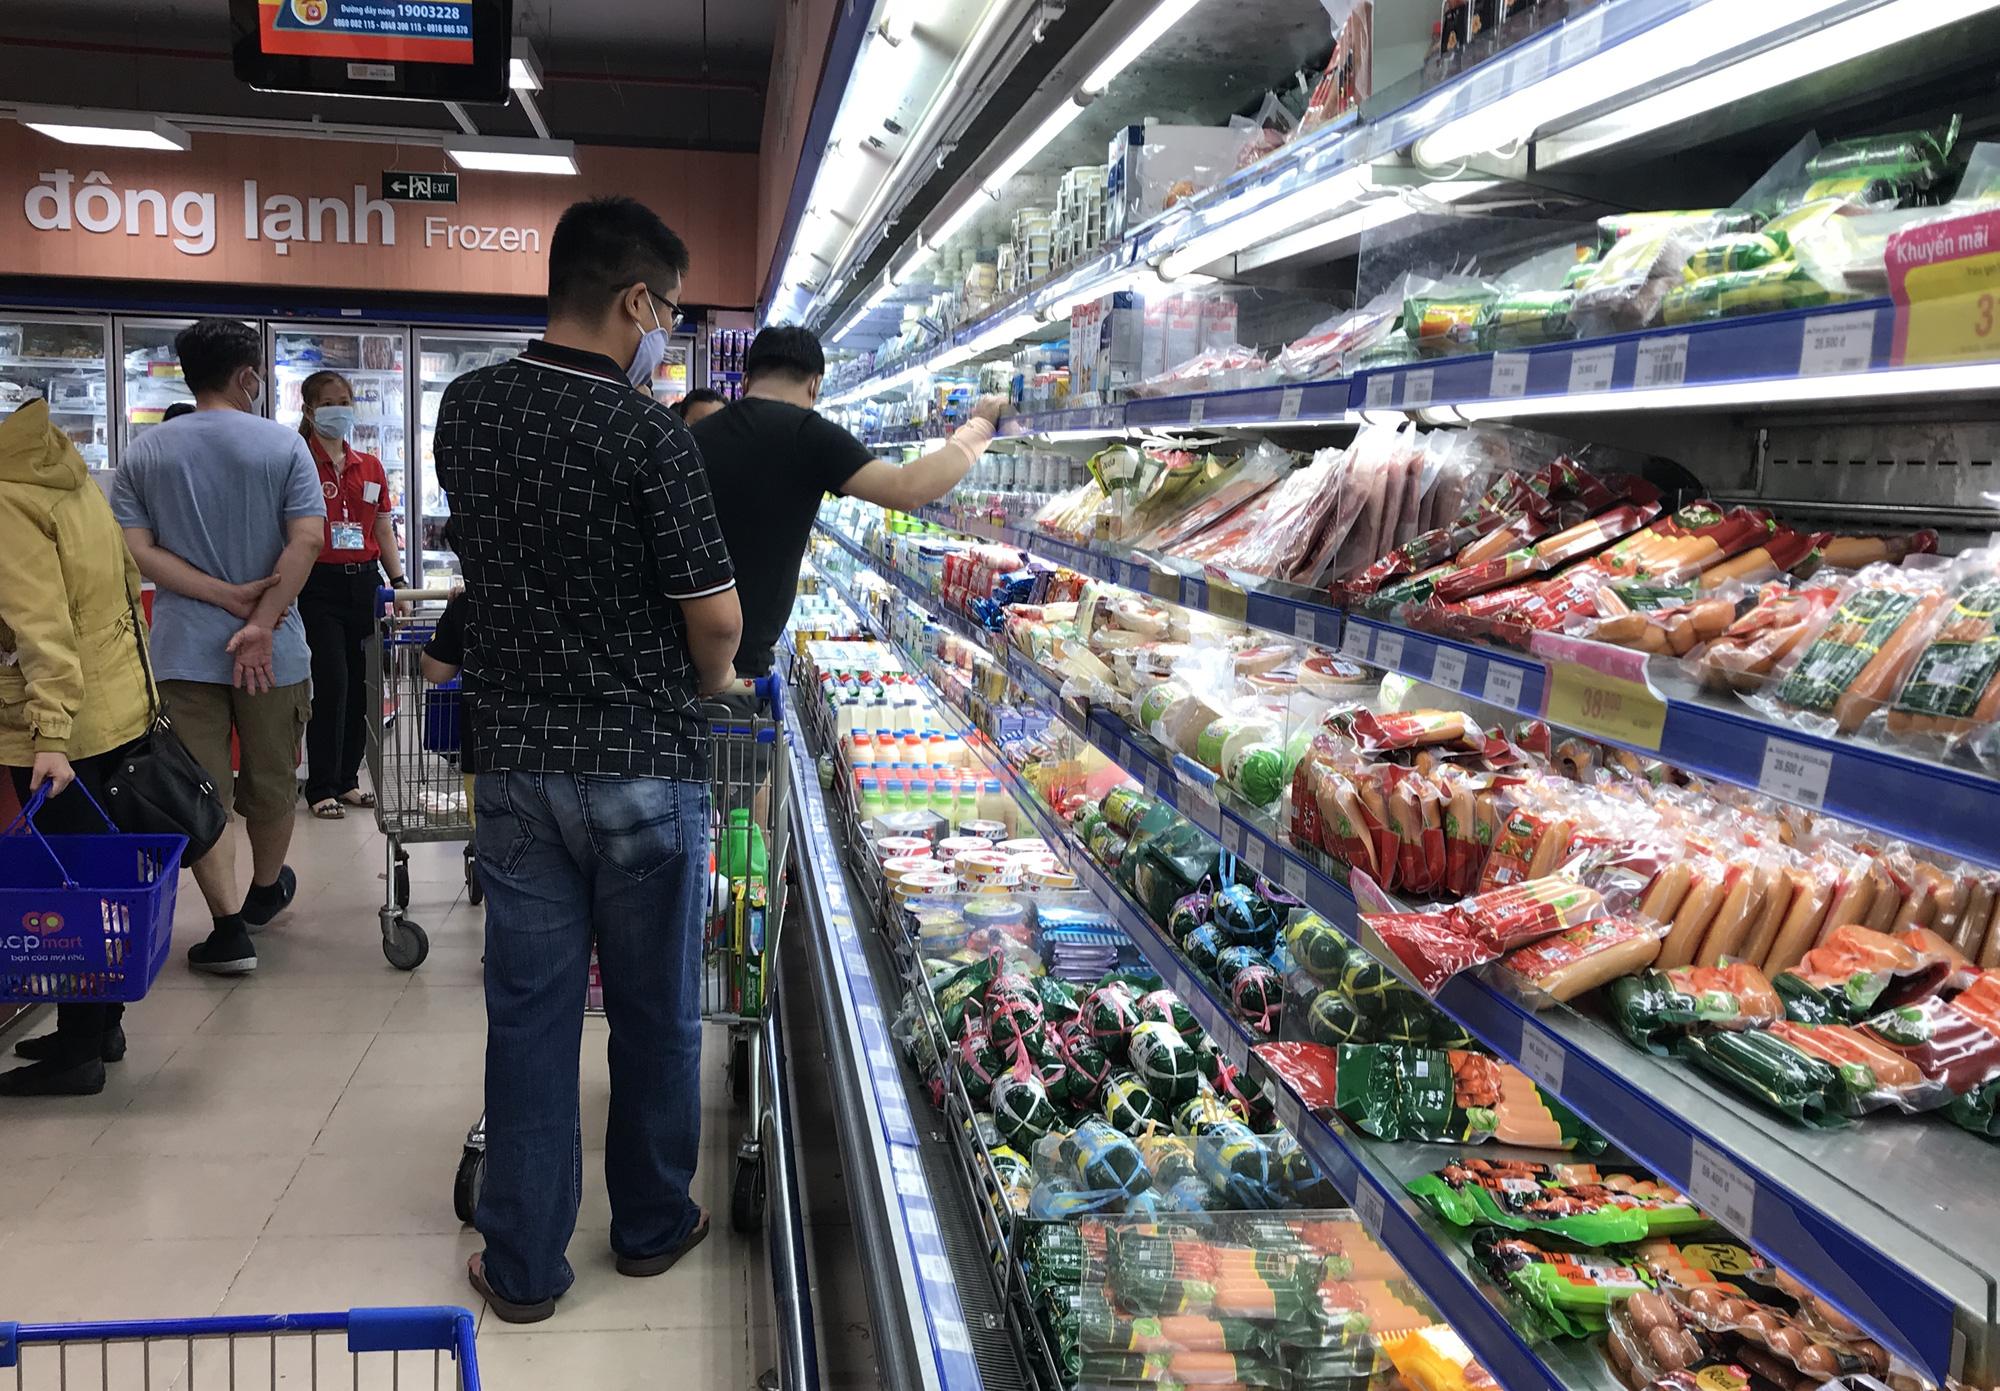 Bộ Công Thương khẳng định hàng hóa, thực phẩm đủ cho người dân ngay cả lúc dịch bệnh - Ảnh 1.